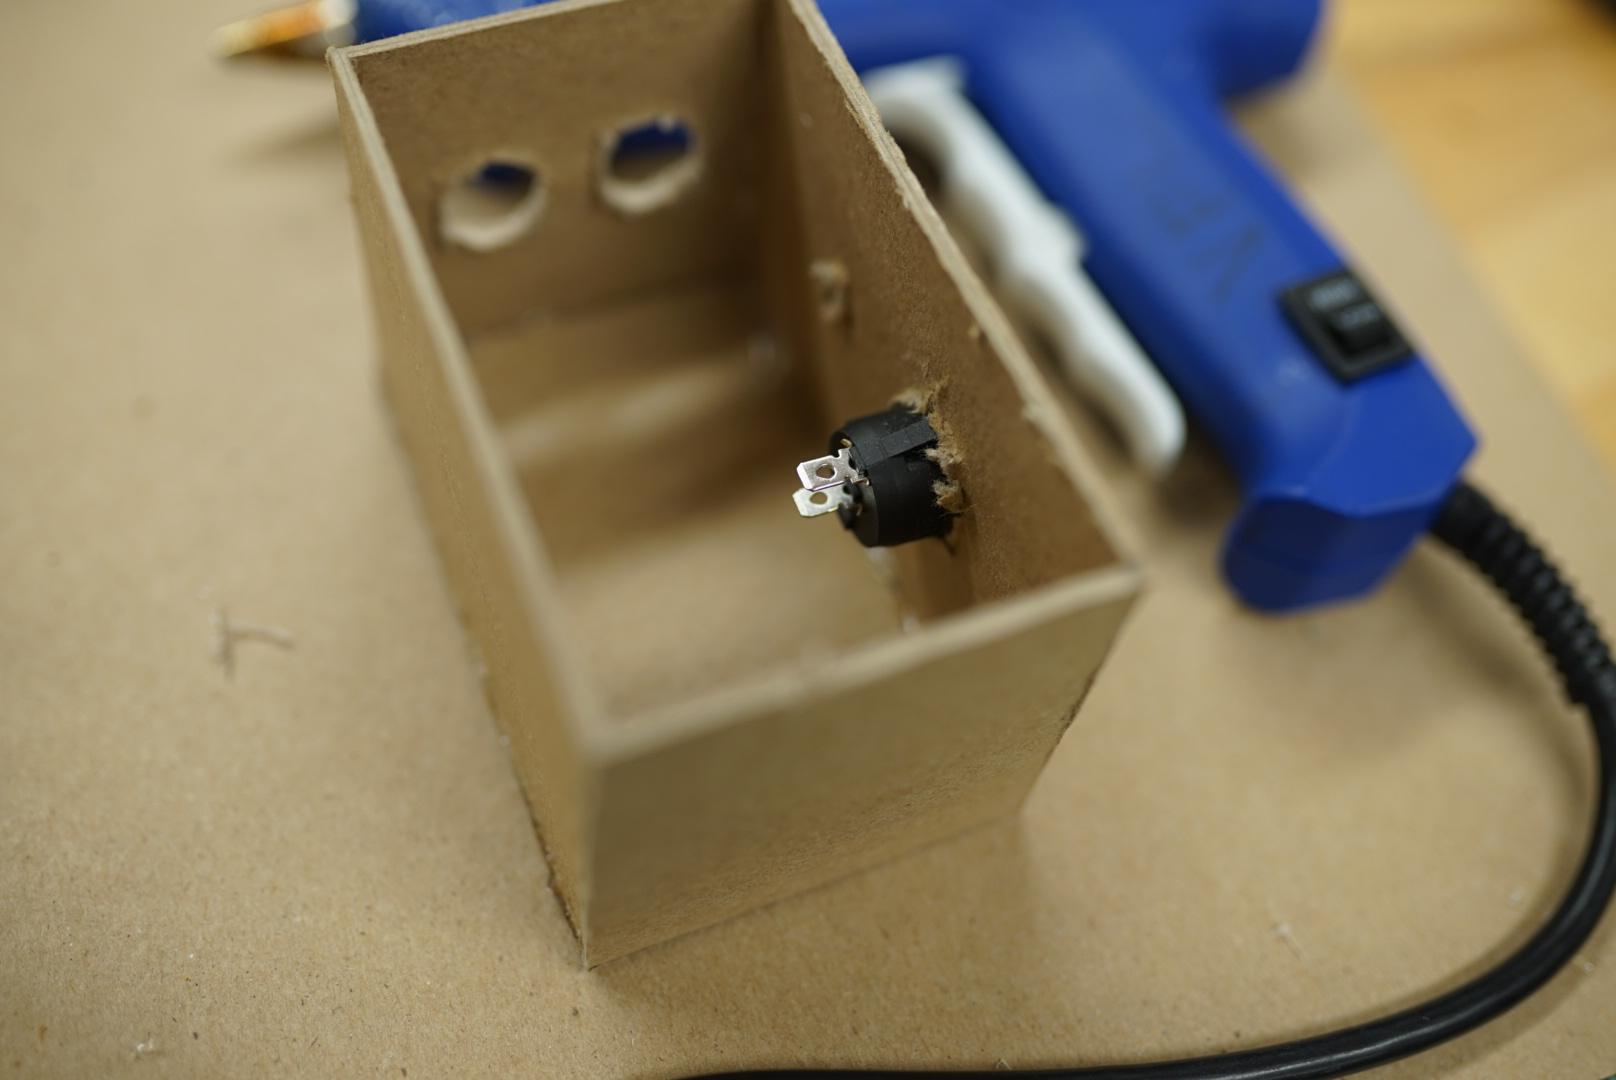 Bond Pieces Together via Glue Gun